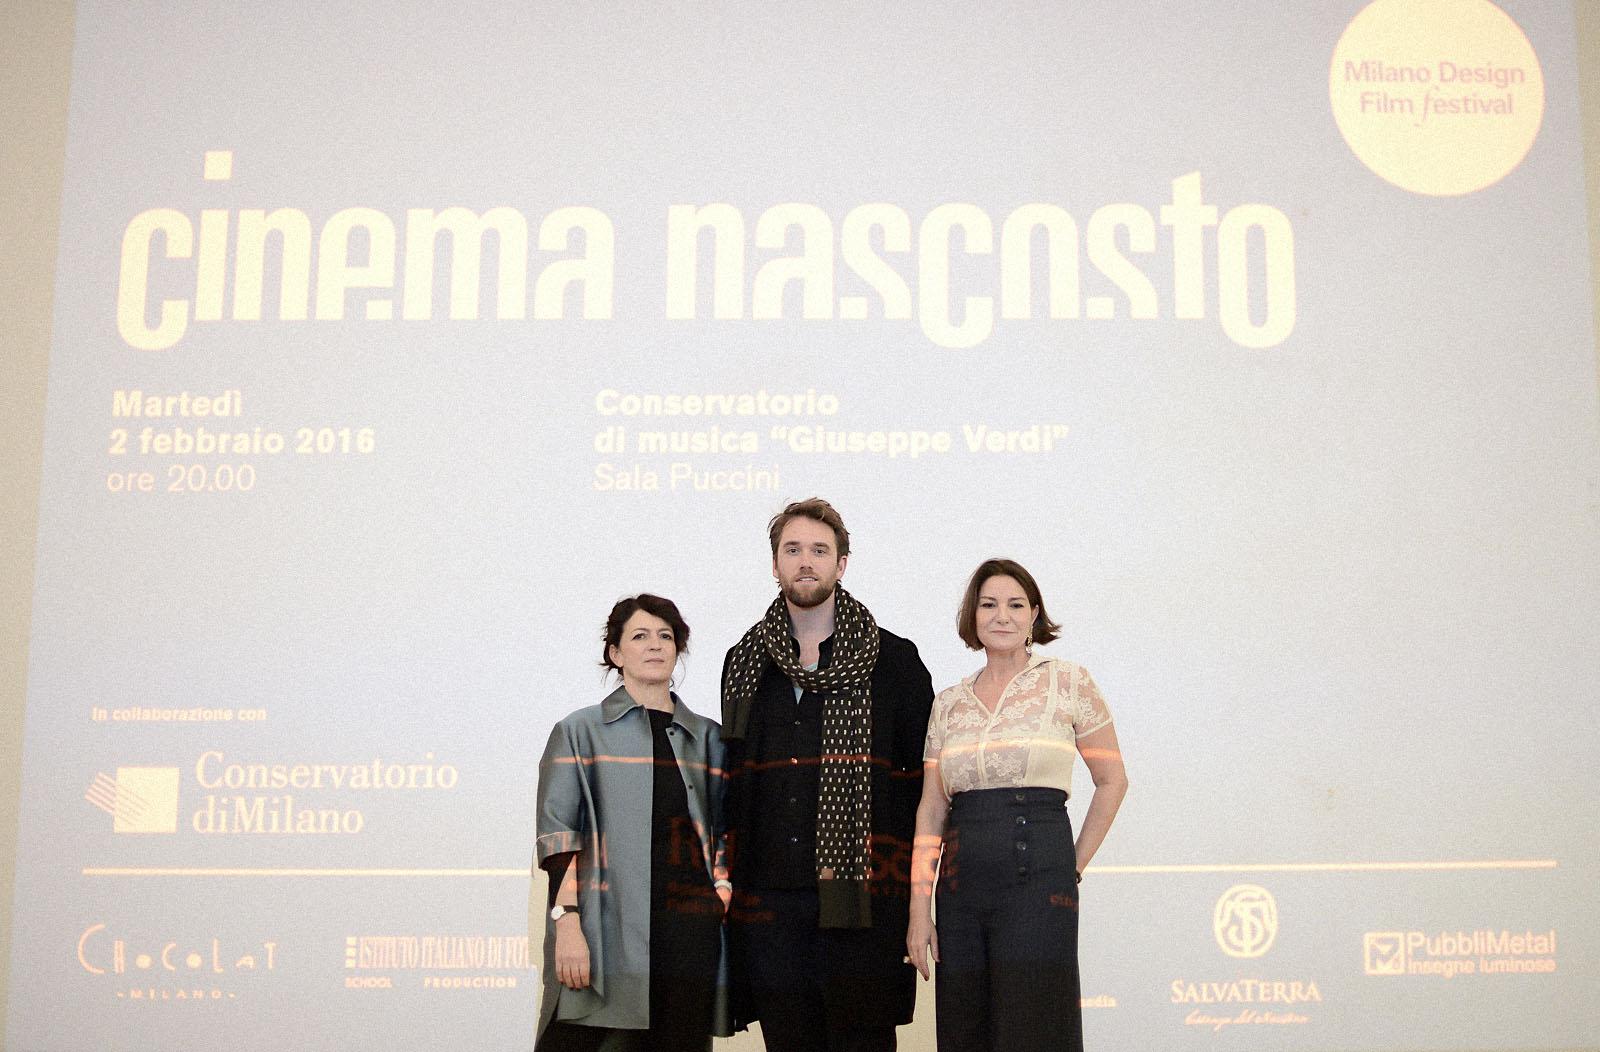 screening & debate at Milano Design Film Festival